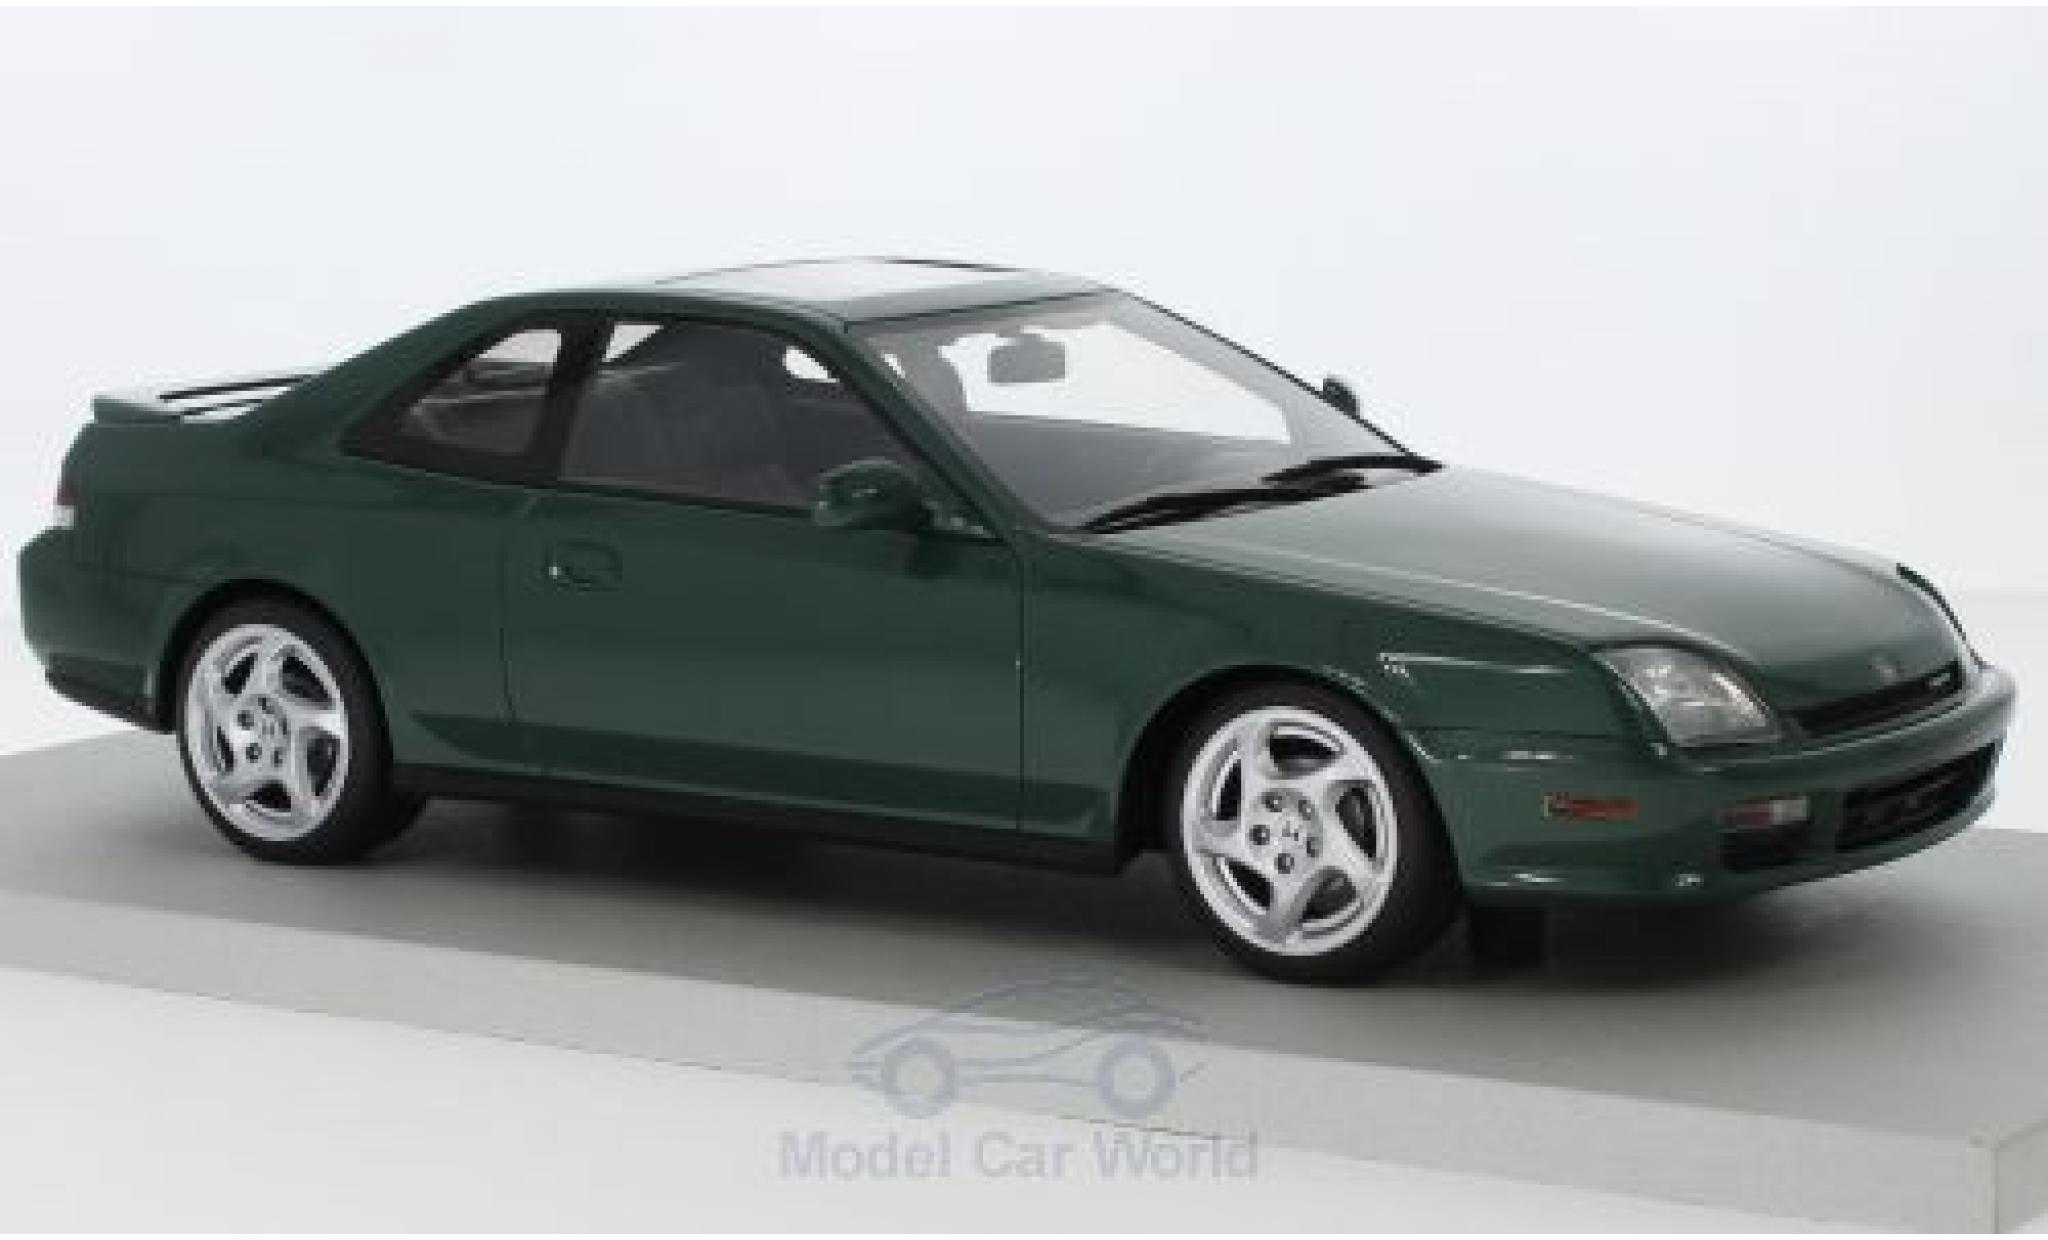 Honda Prelude 1/18 Lucky Step Models metallise green 1997